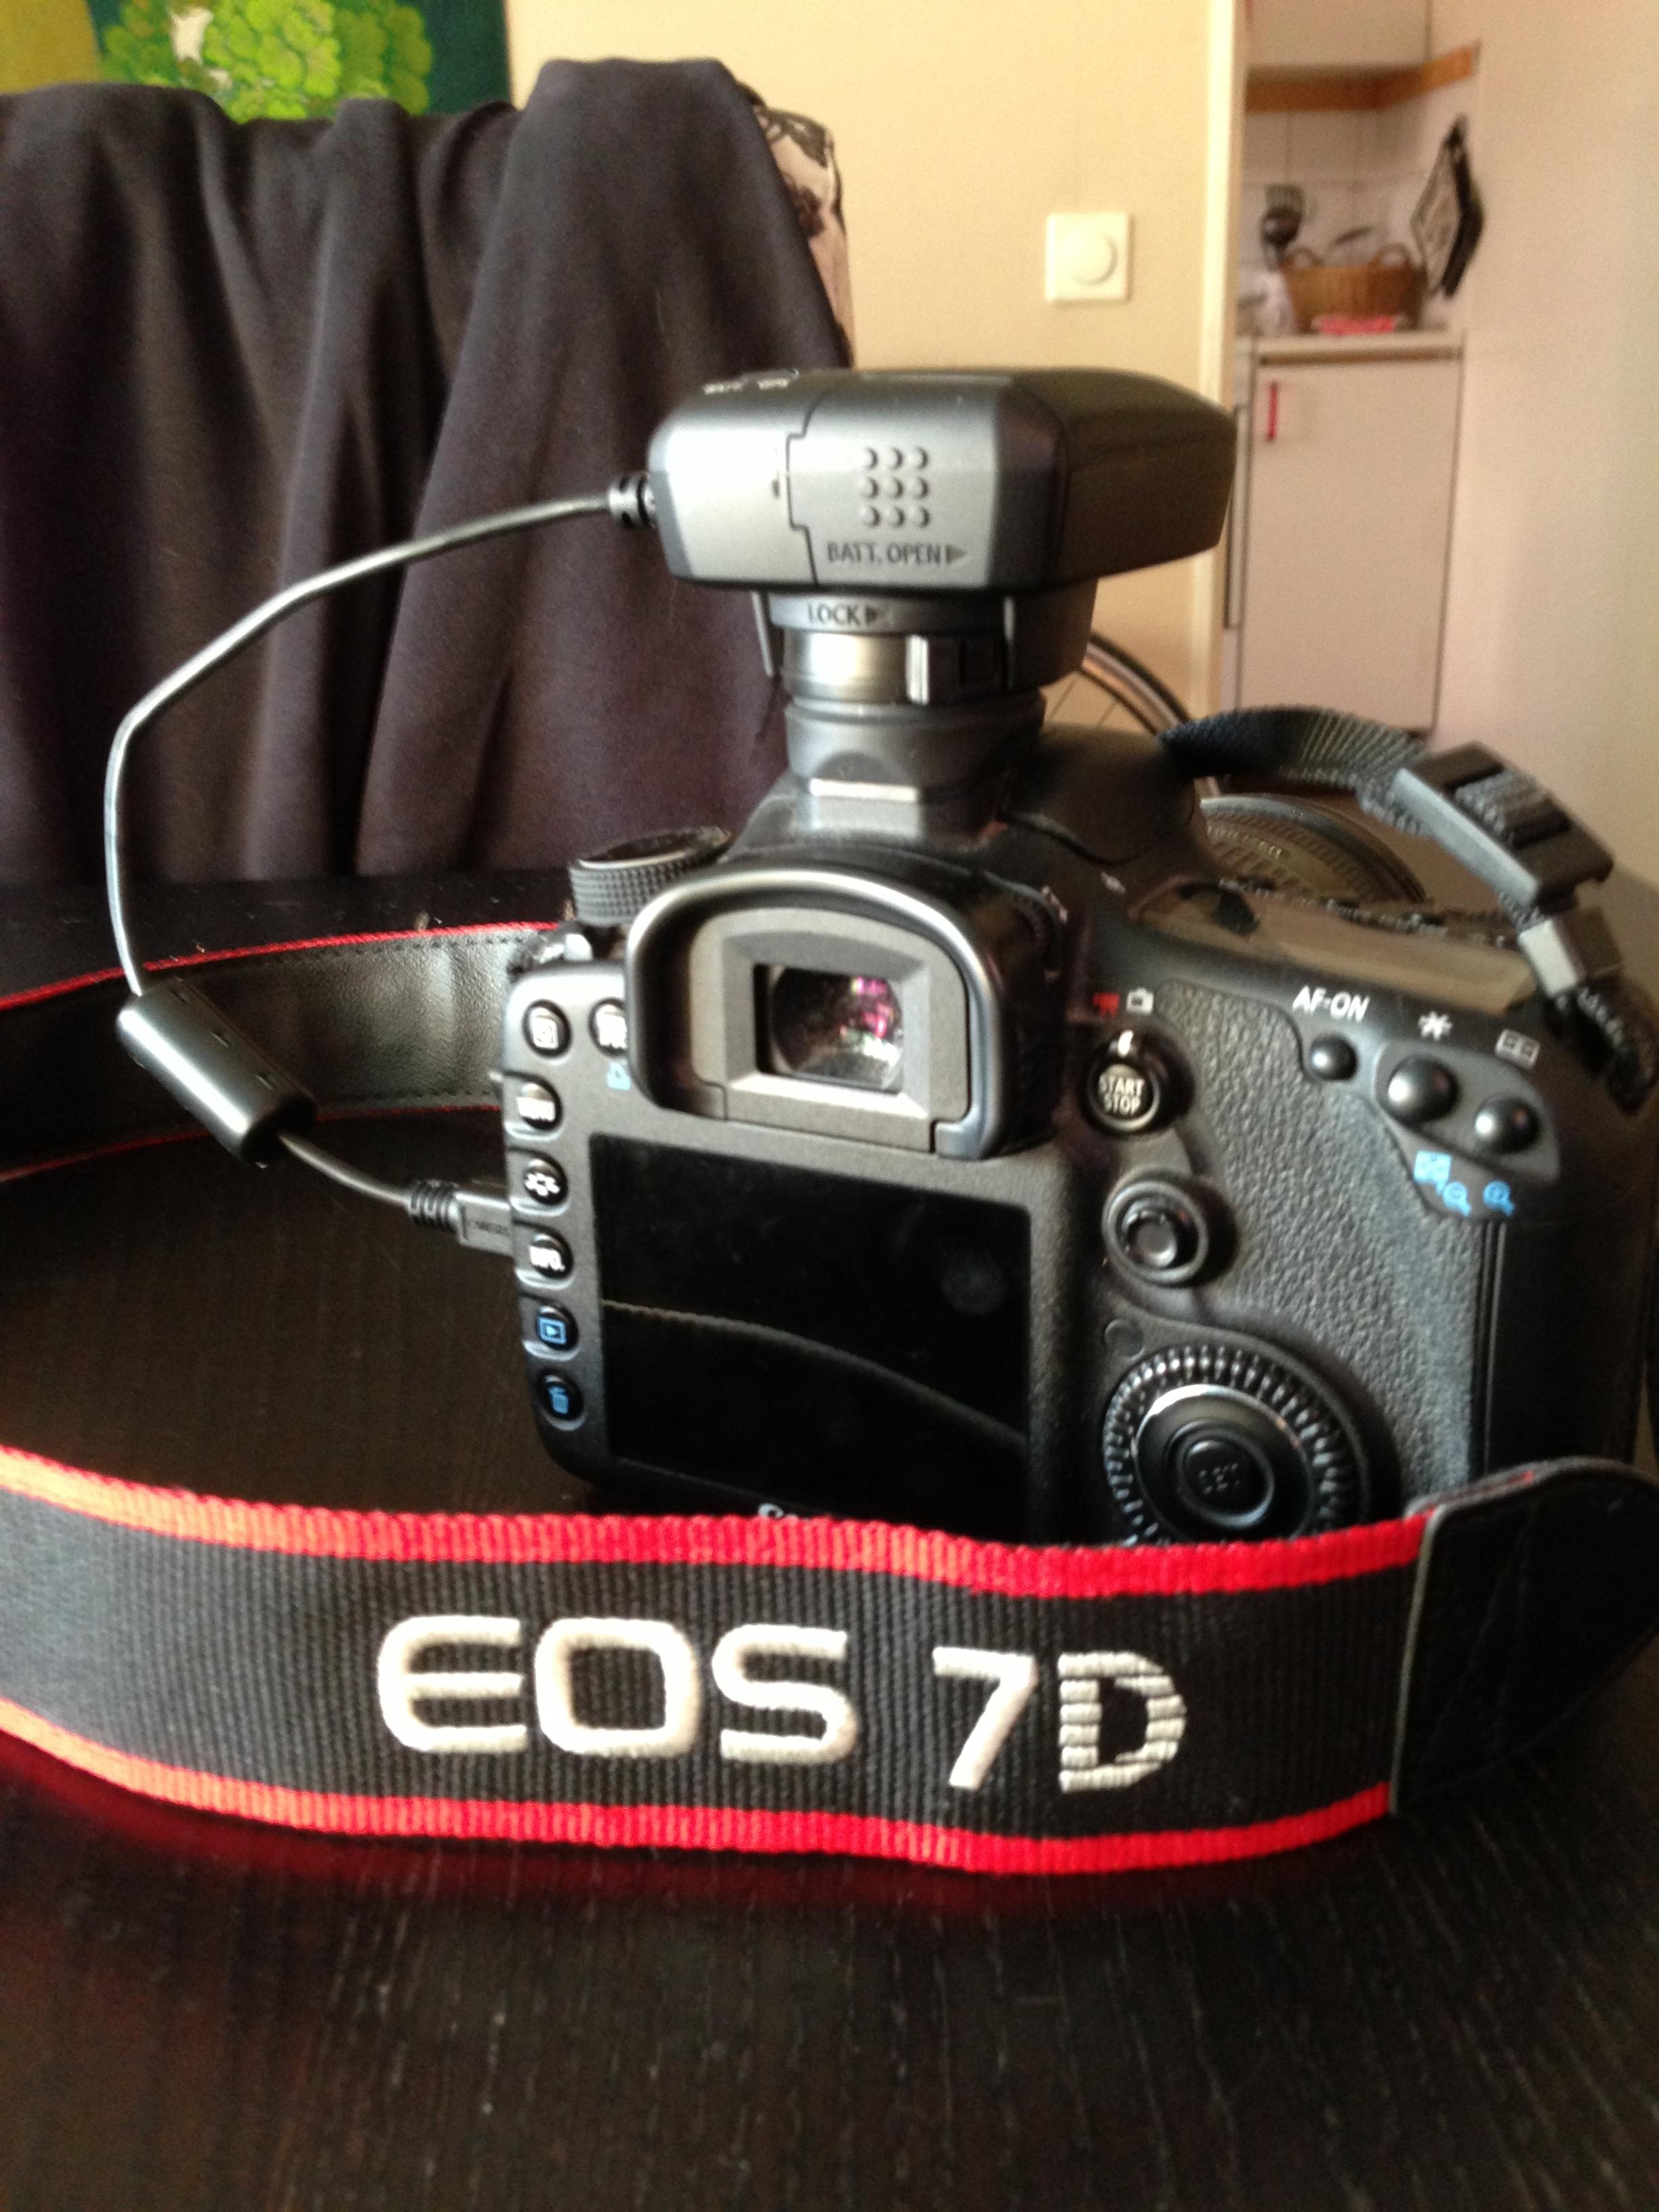 Bild: Canon EOS 7D med GP-E2 GPS-mottagare